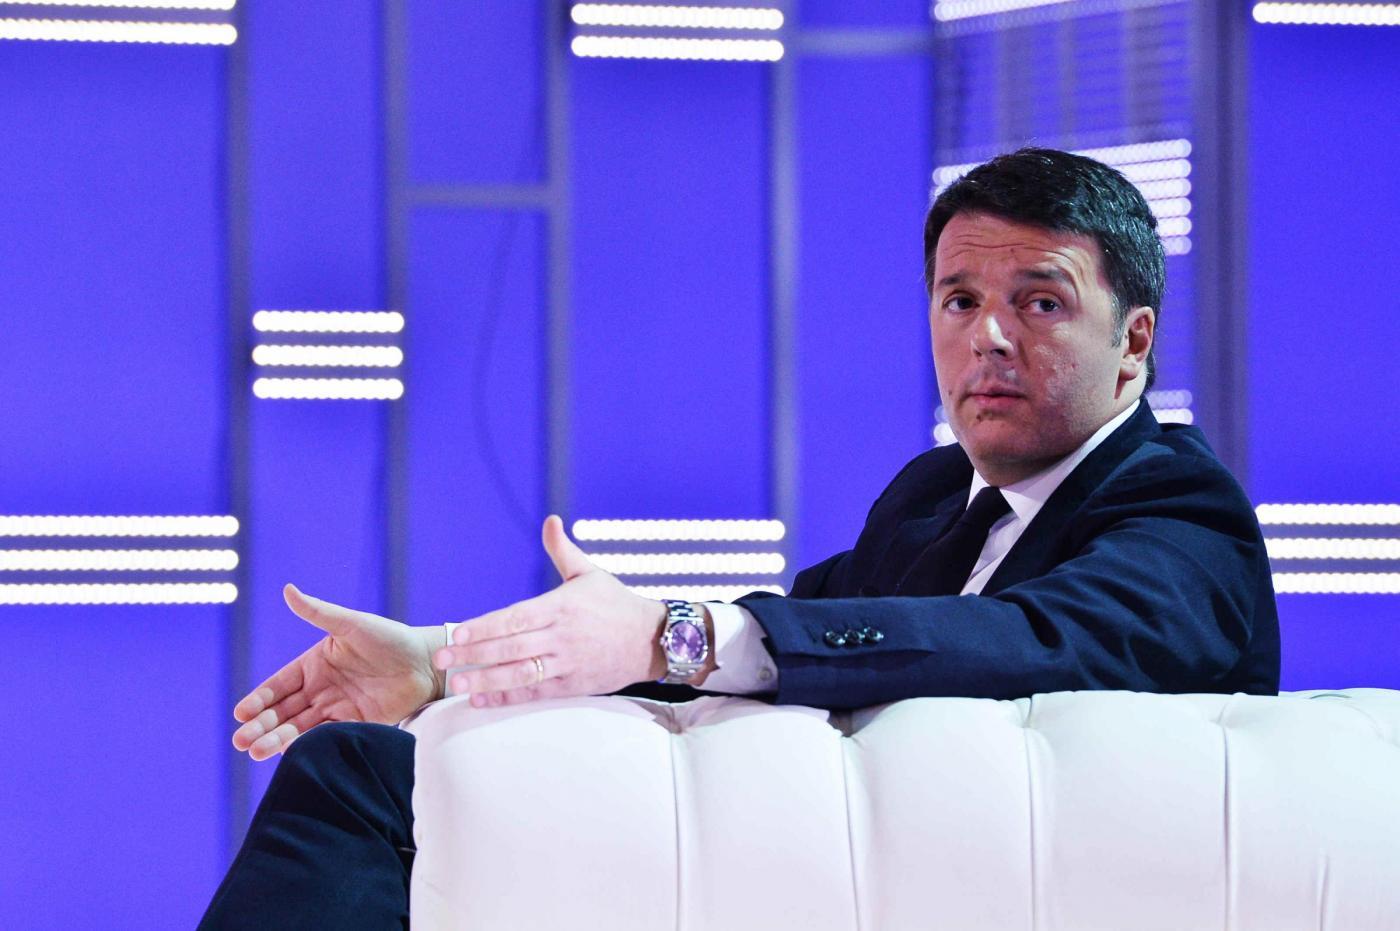 Guerra il Libia, Renzi dice no: 'Con me al governo non si farà'